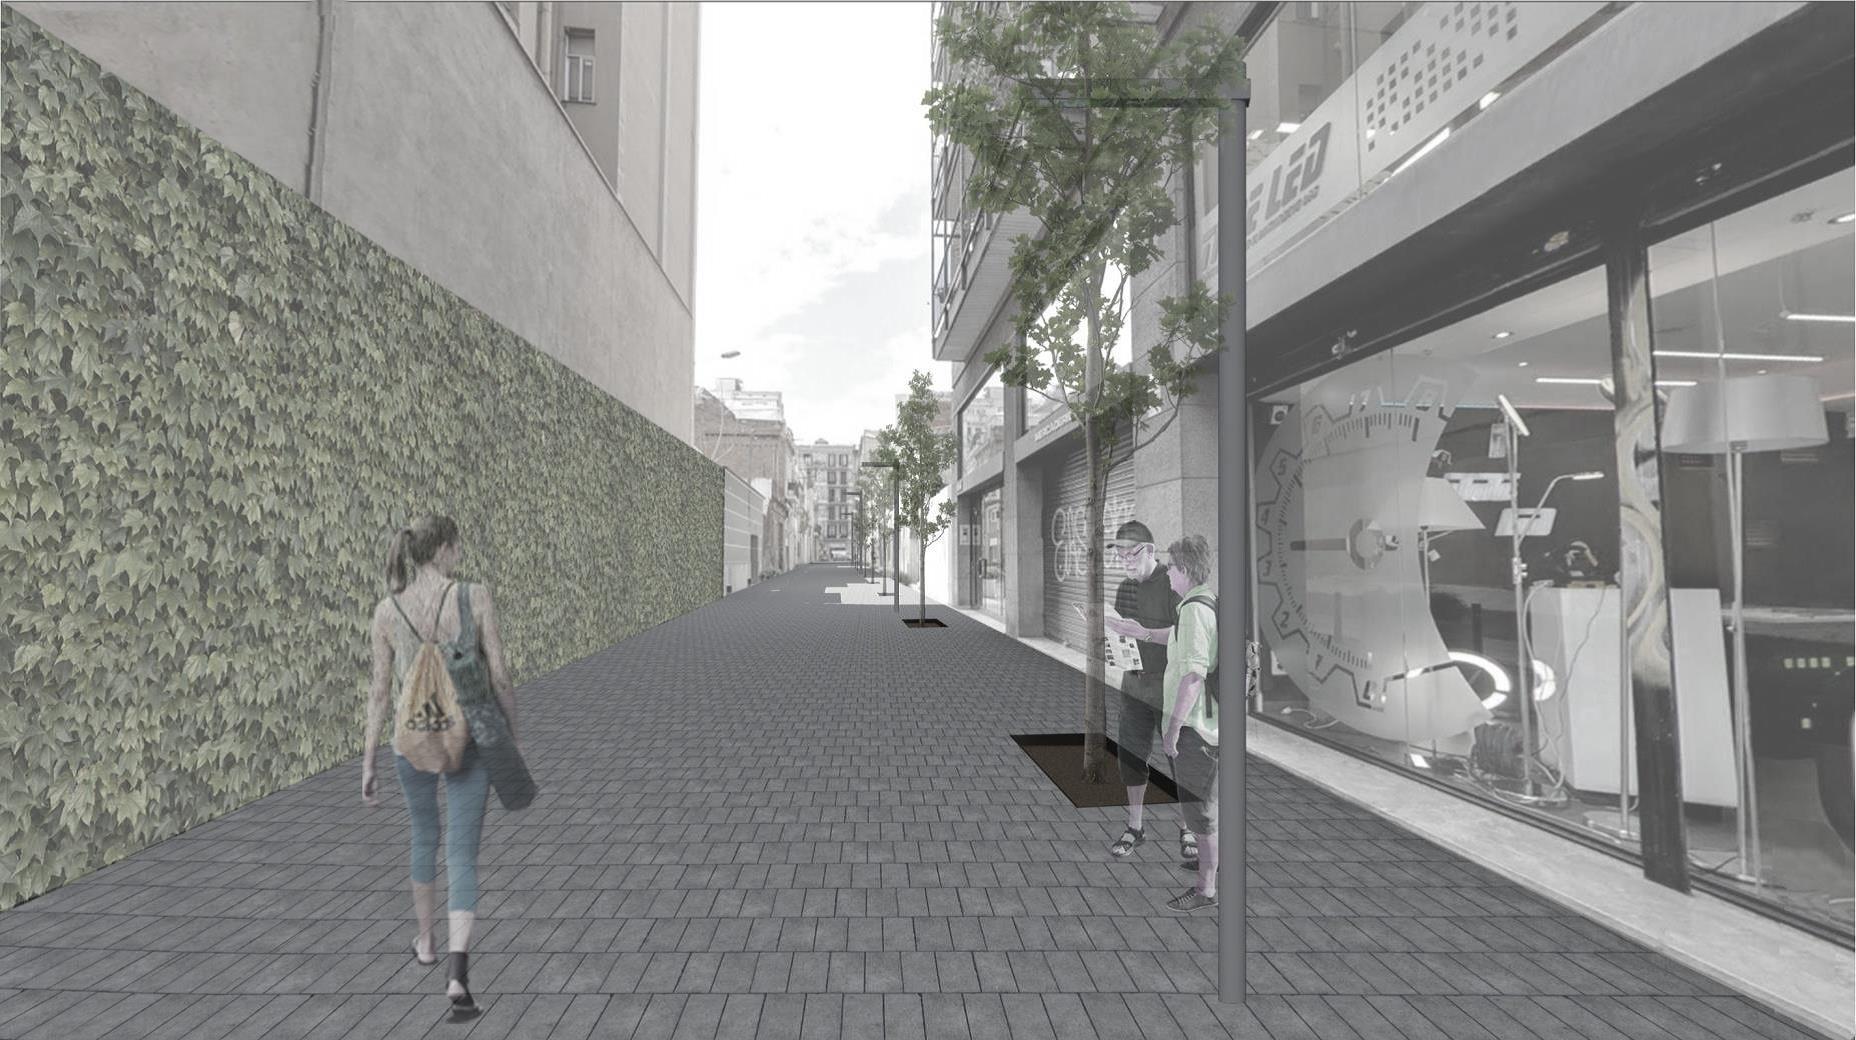 Recreación del pasaje Bofill, a dos manzanas de la Sagrada Familia, tras la intervención urbanística. / Ajuntament de Barcelona